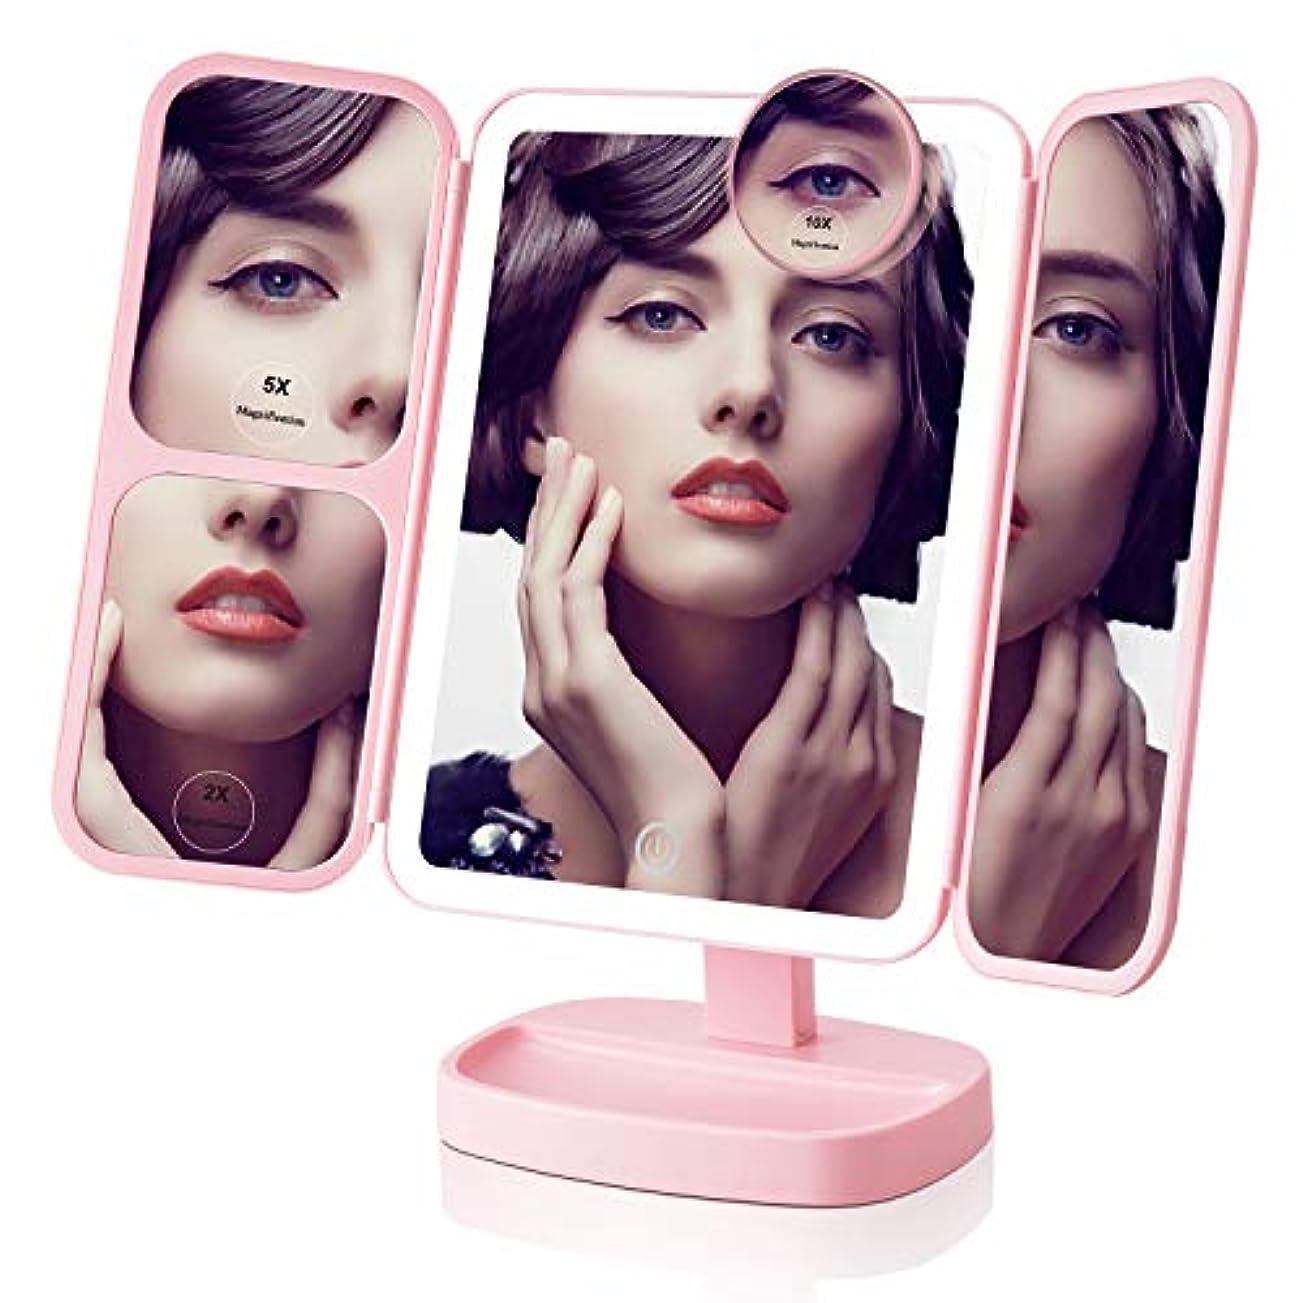 染色音節想像するEasehold 化粧鏡 三面鏡 化粧ミラー 卓上ミラー 鏡 led付き 折りたたみ 2&5&10倍拡大鏡付き 明るさ調節可能 180°回転 プレゼント(ピンク)